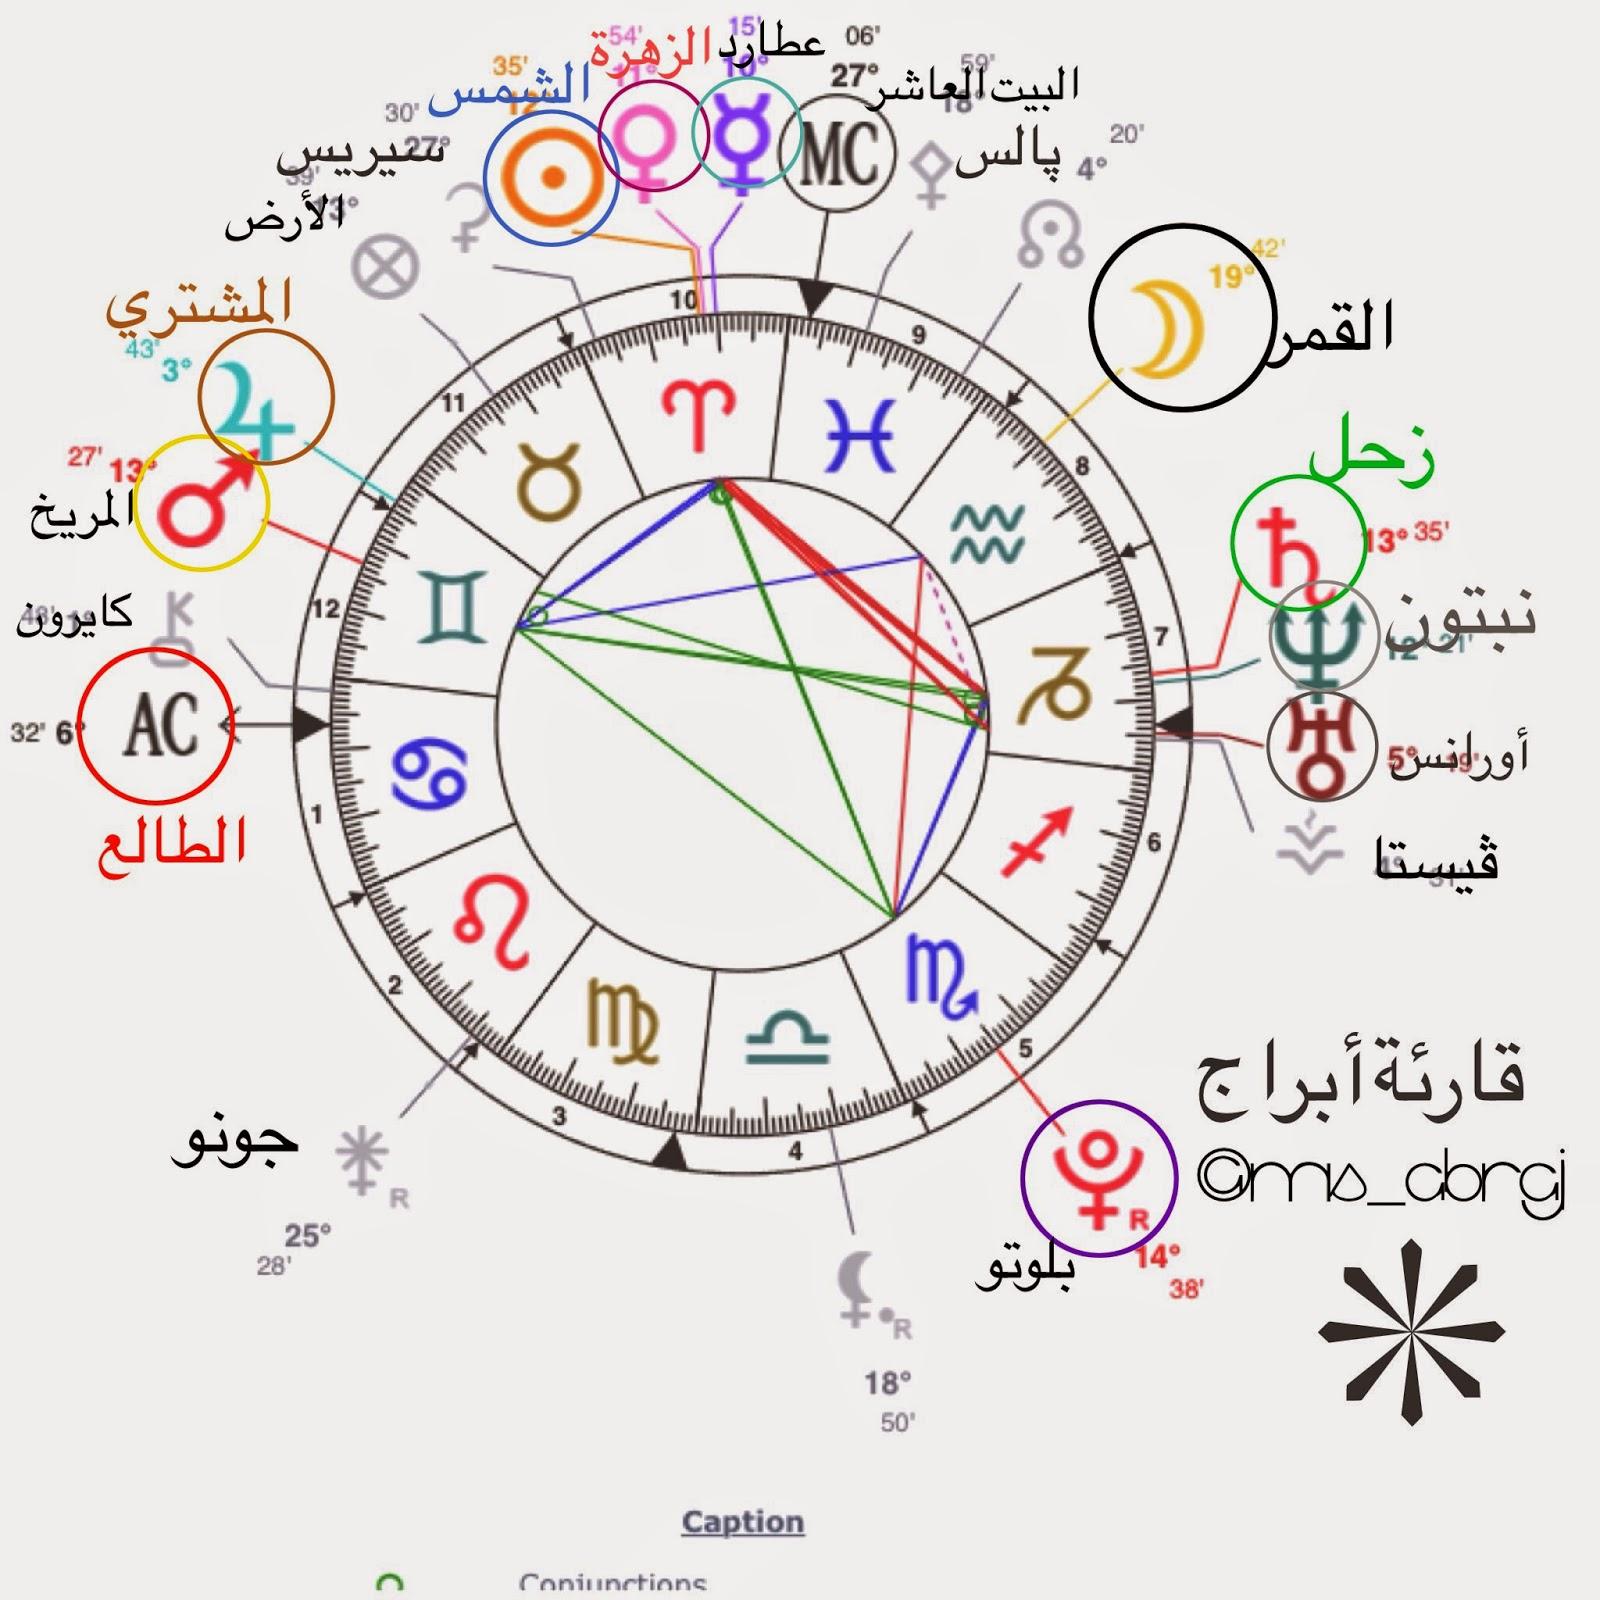 تواريخ الابراج معرفة البرج و تواريخ معرفة الابراج وصفاتها وانواعها أرض المعرفة